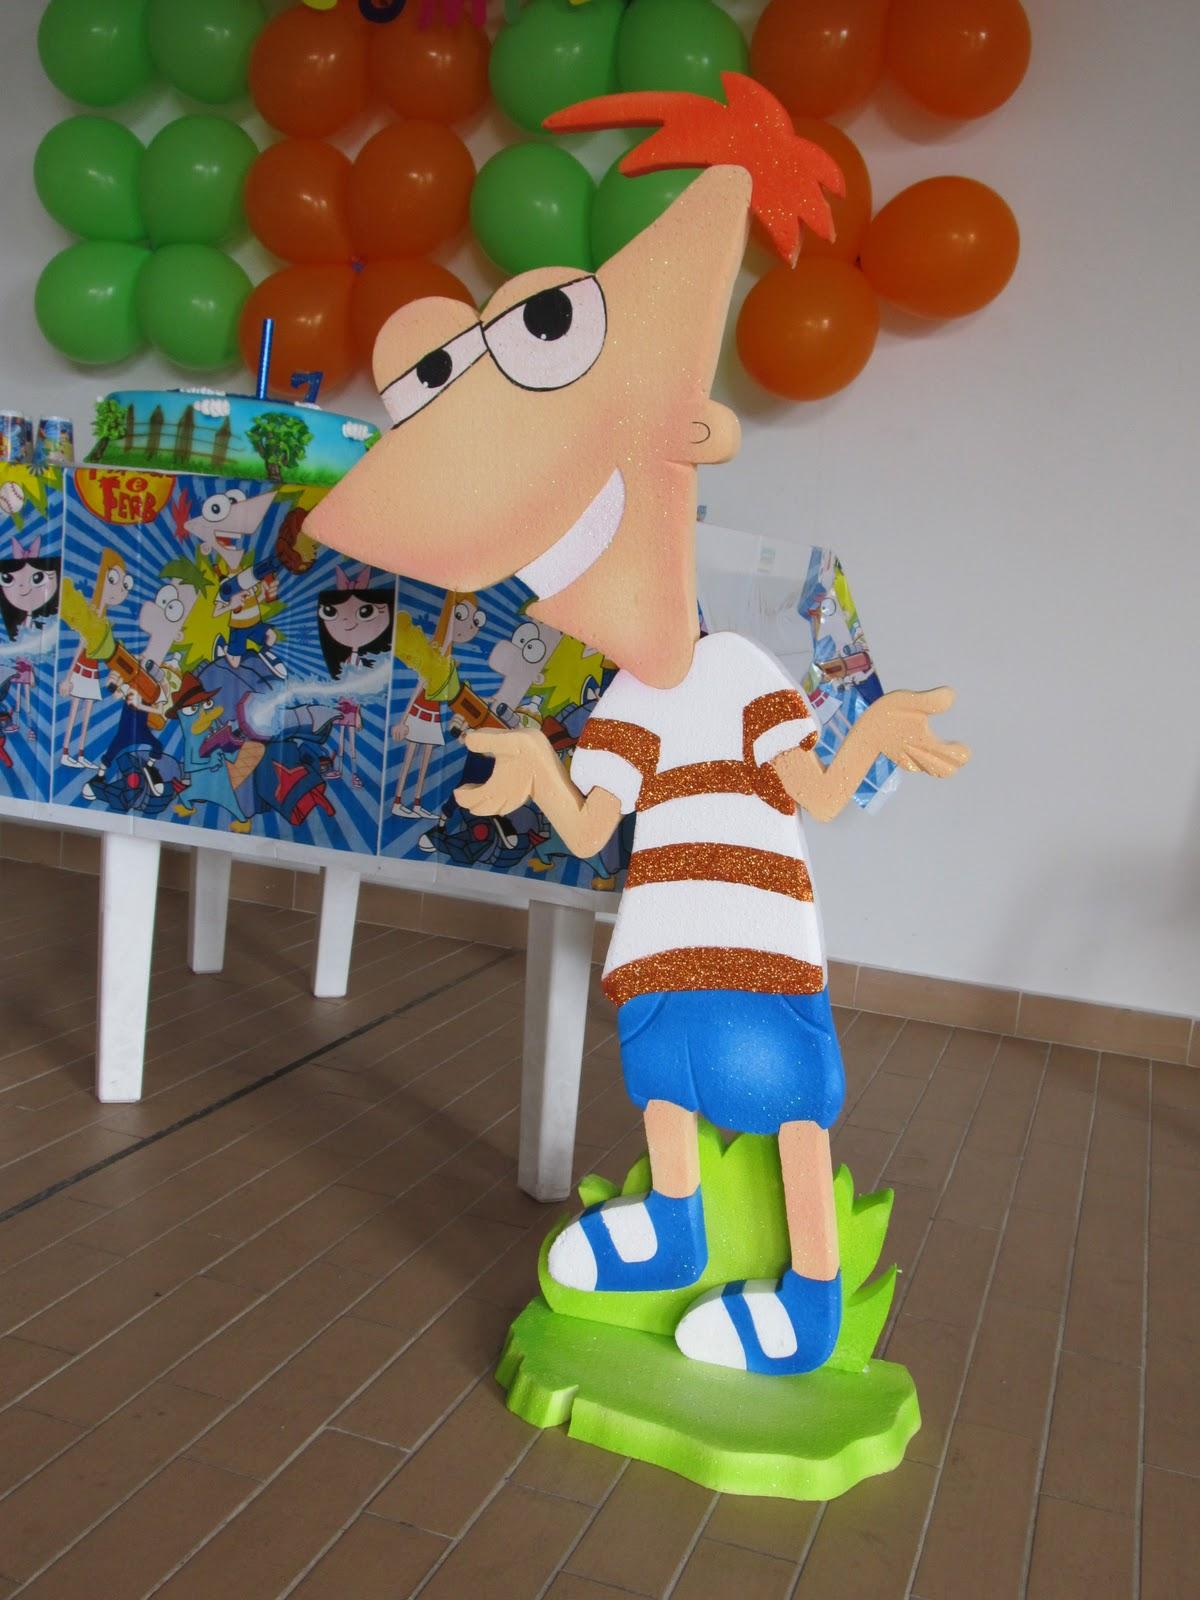 Phineas and ferb fiestas infantiles y recreacionistas - Arreglos fiestas infantiles ...